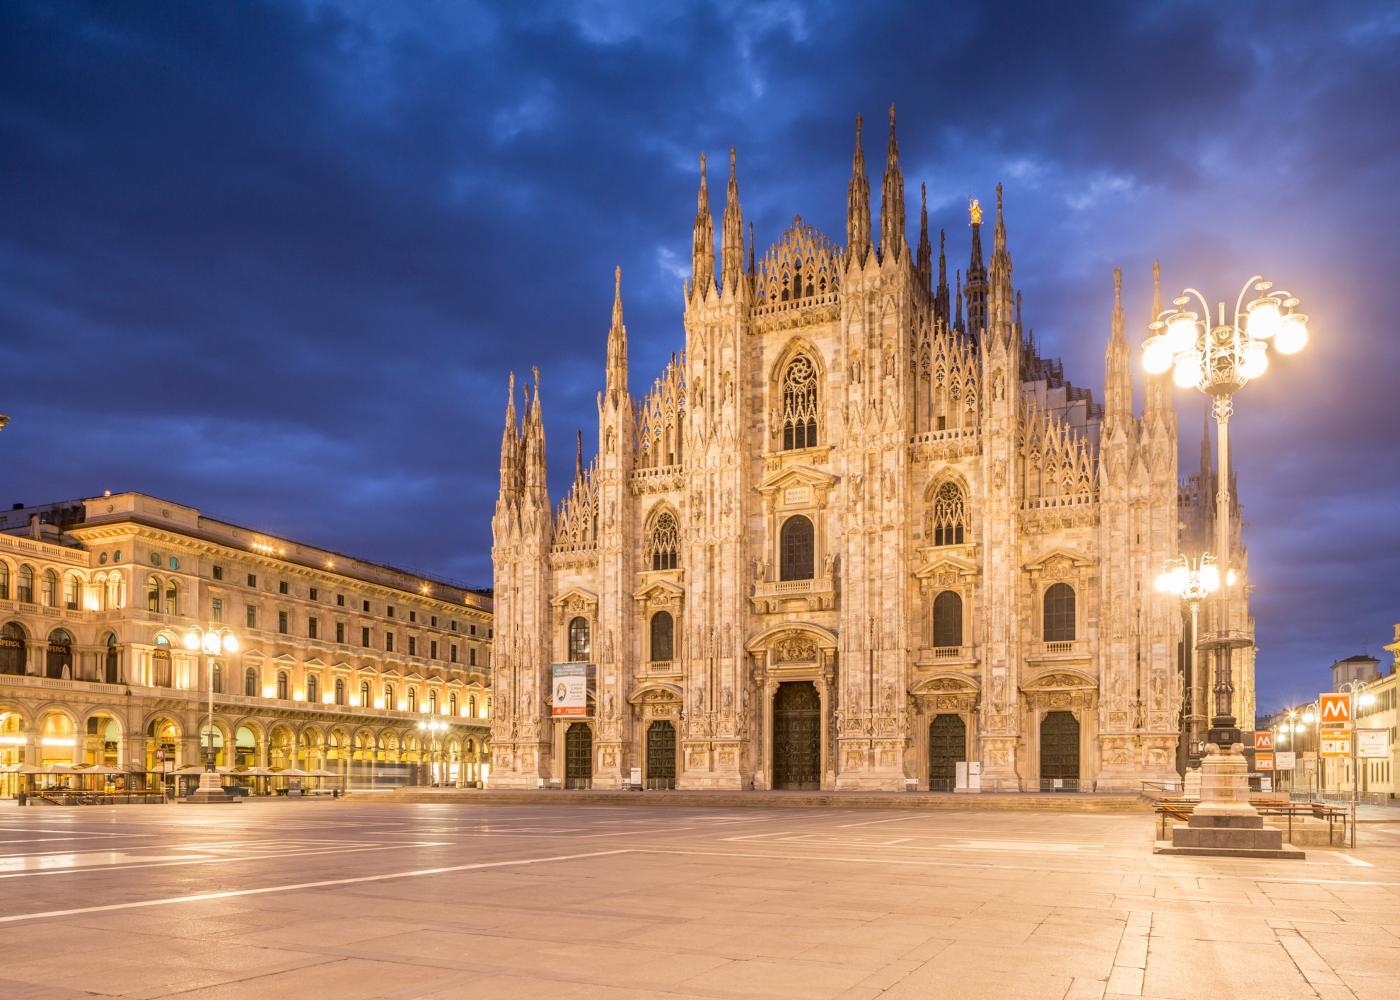 Duomo para visitar num roteiro de 3 dias em Milão